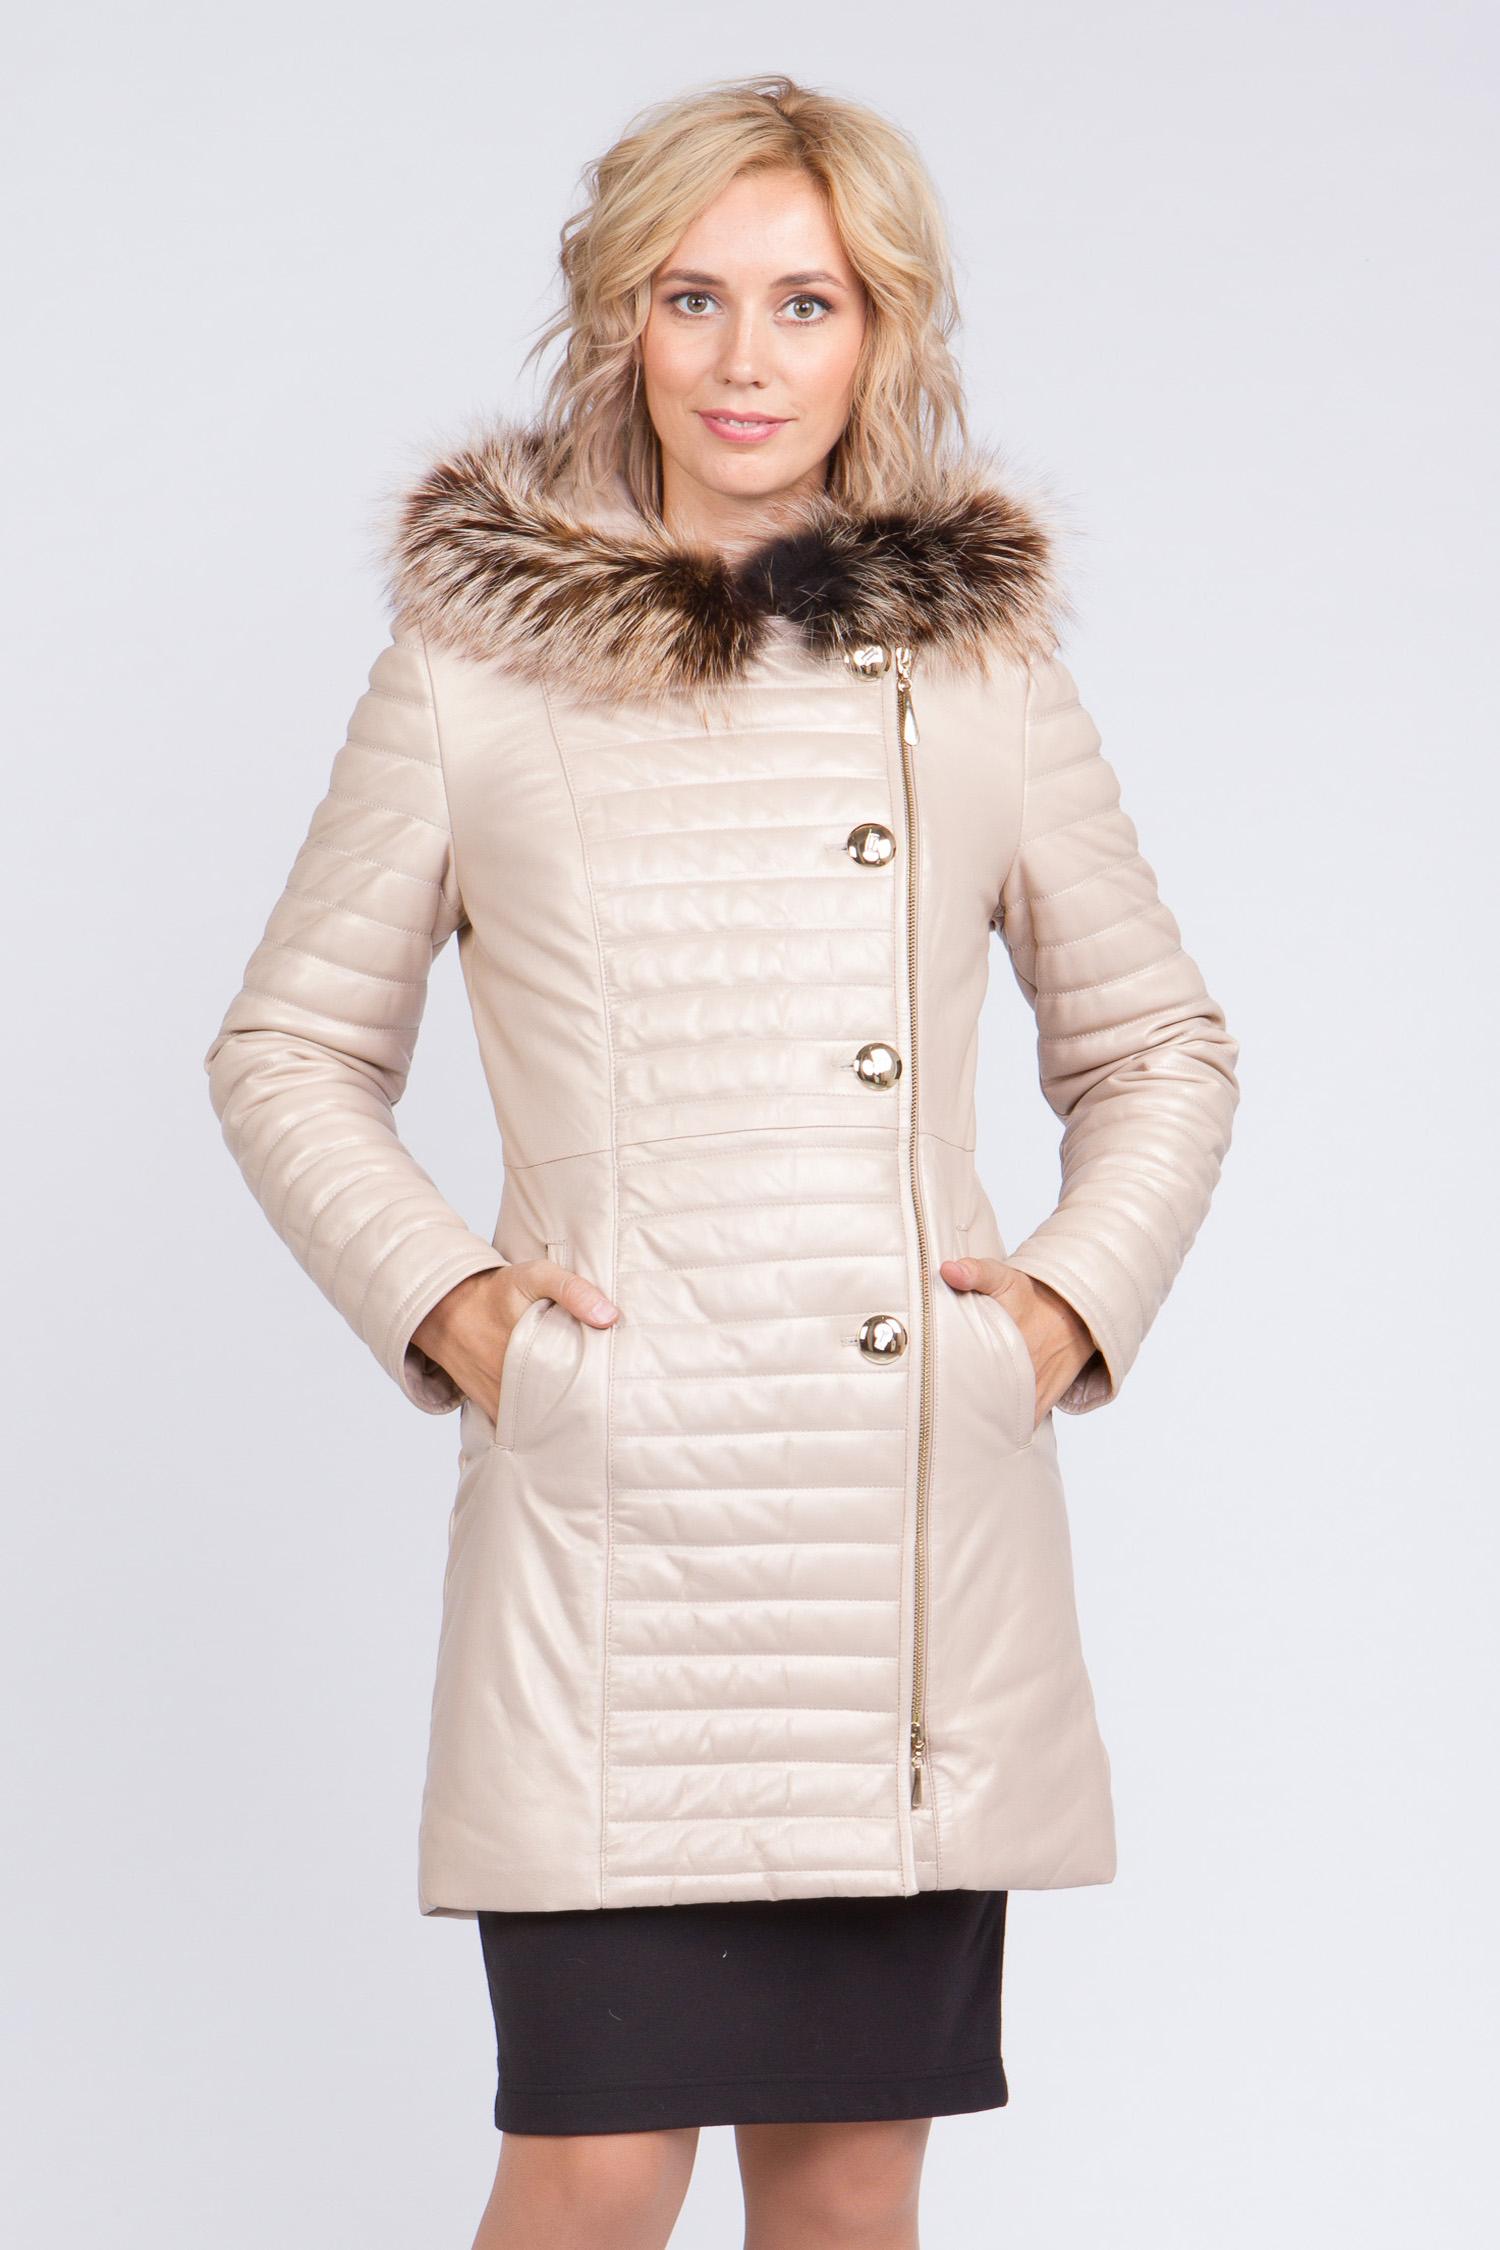 Женское кожаное пальто из натуральной кожи с капюшоном, отделка енот